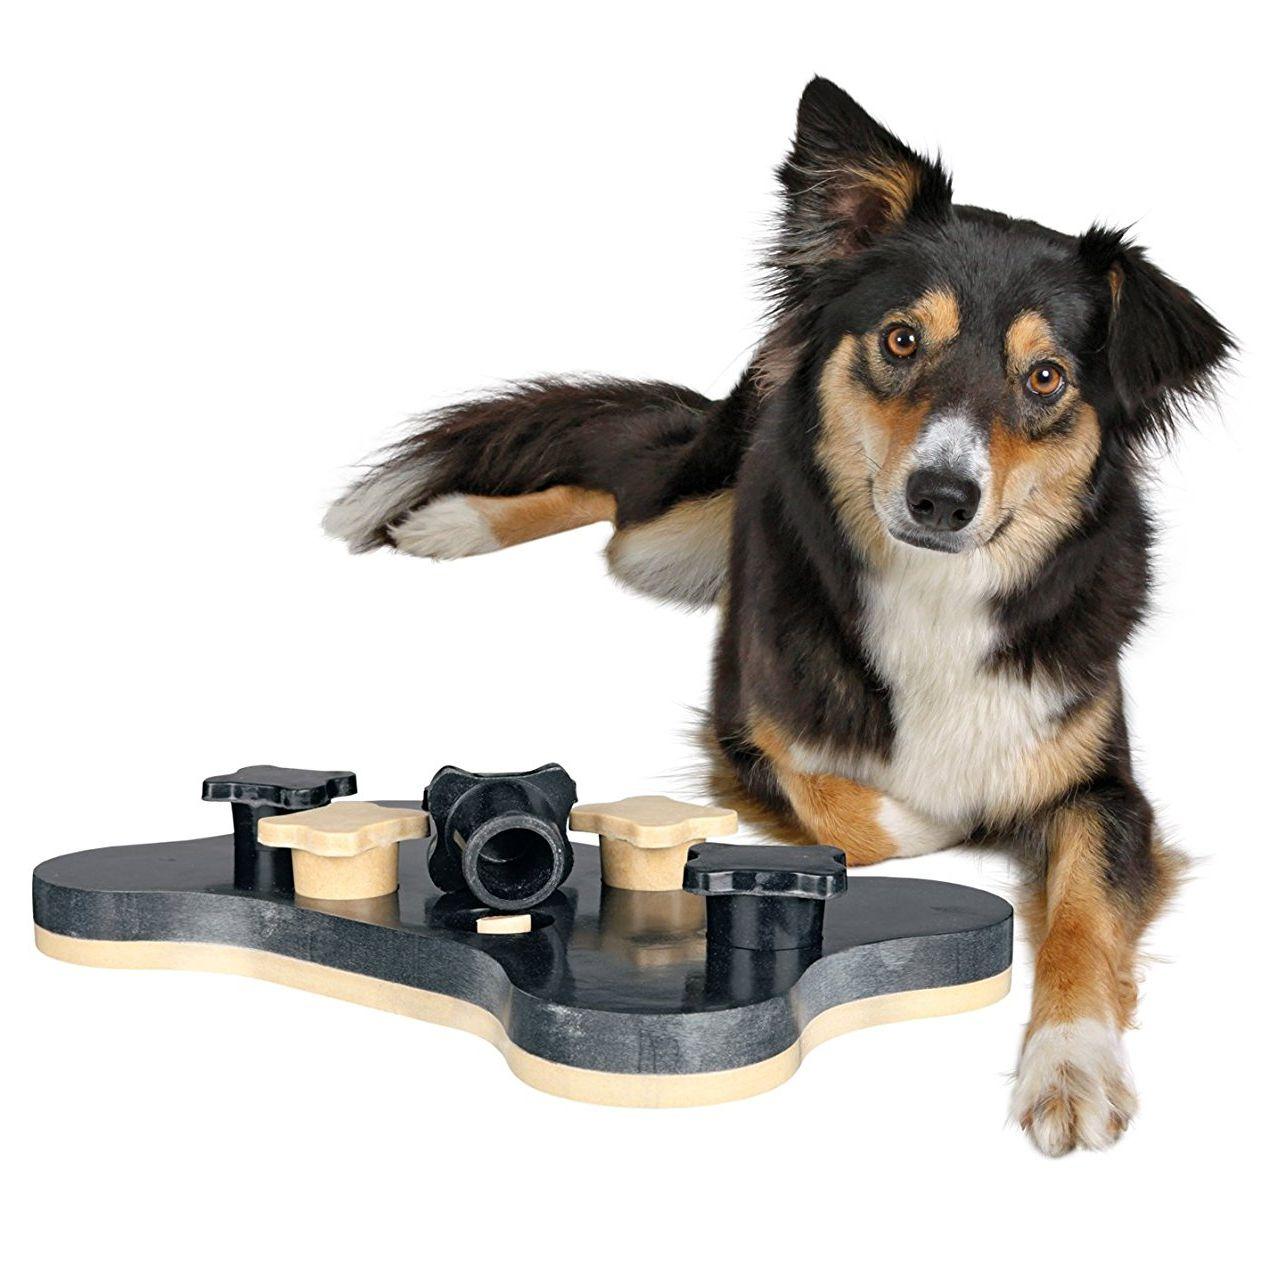 Juego de actividades para perros